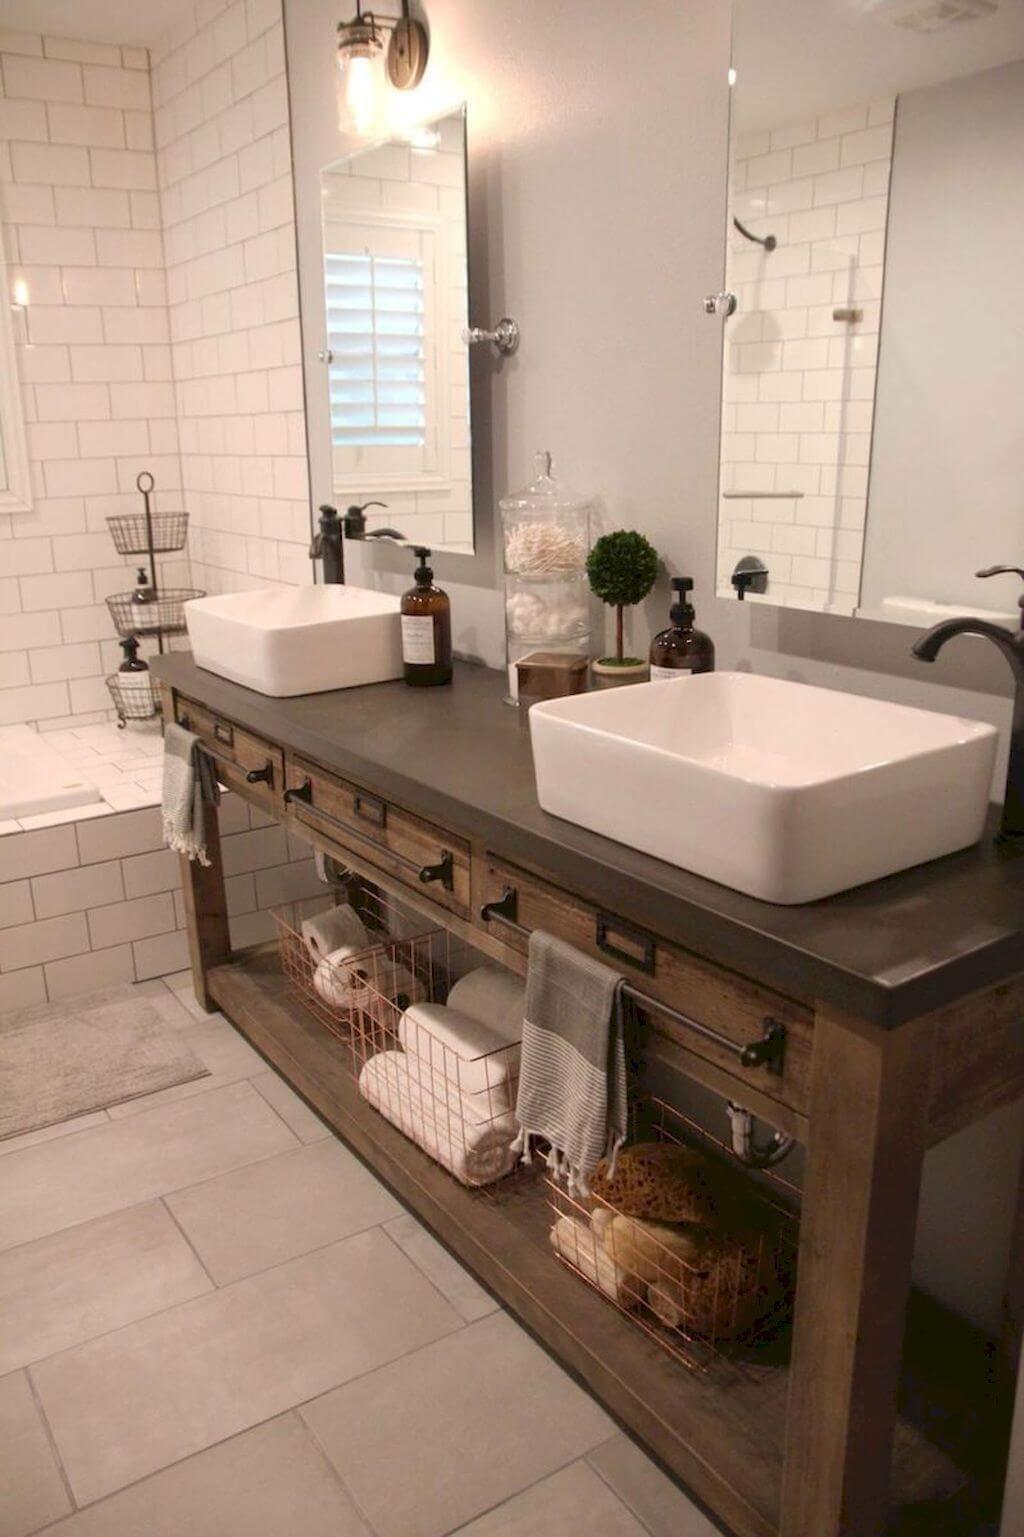 35 idées de vanités de salle de bains rustiques pour stimuler votre prochaine rénovation